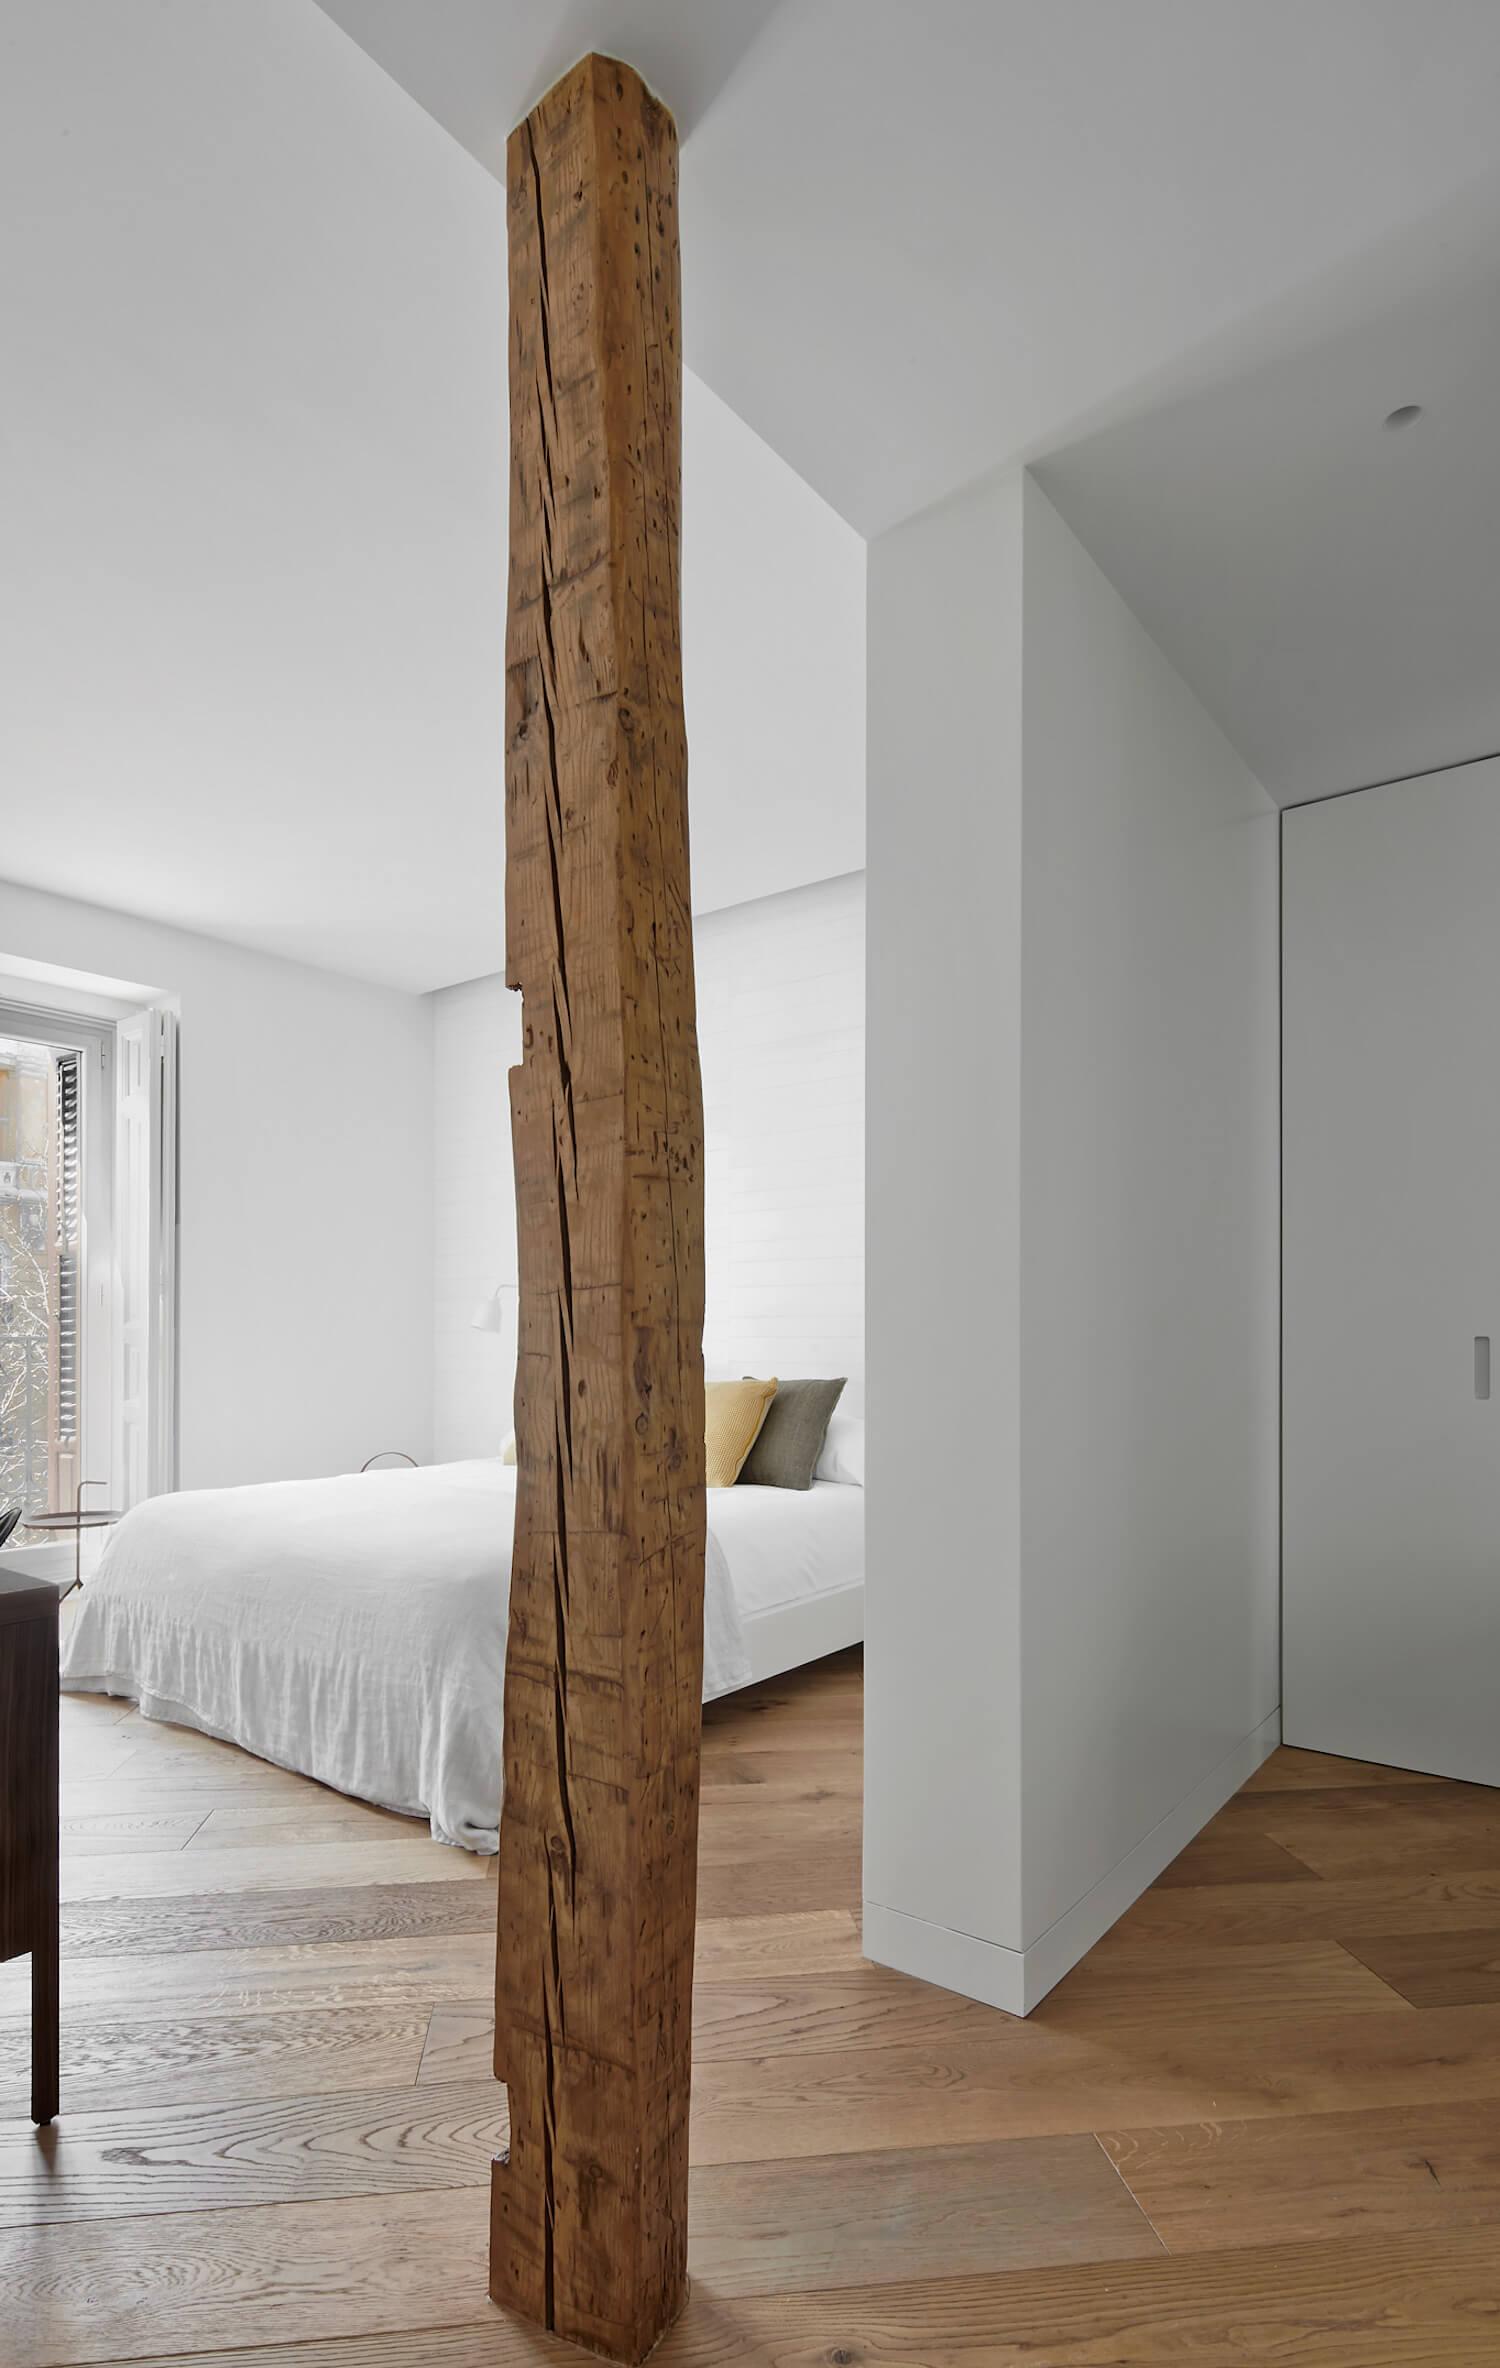 est living interior house pv2 20